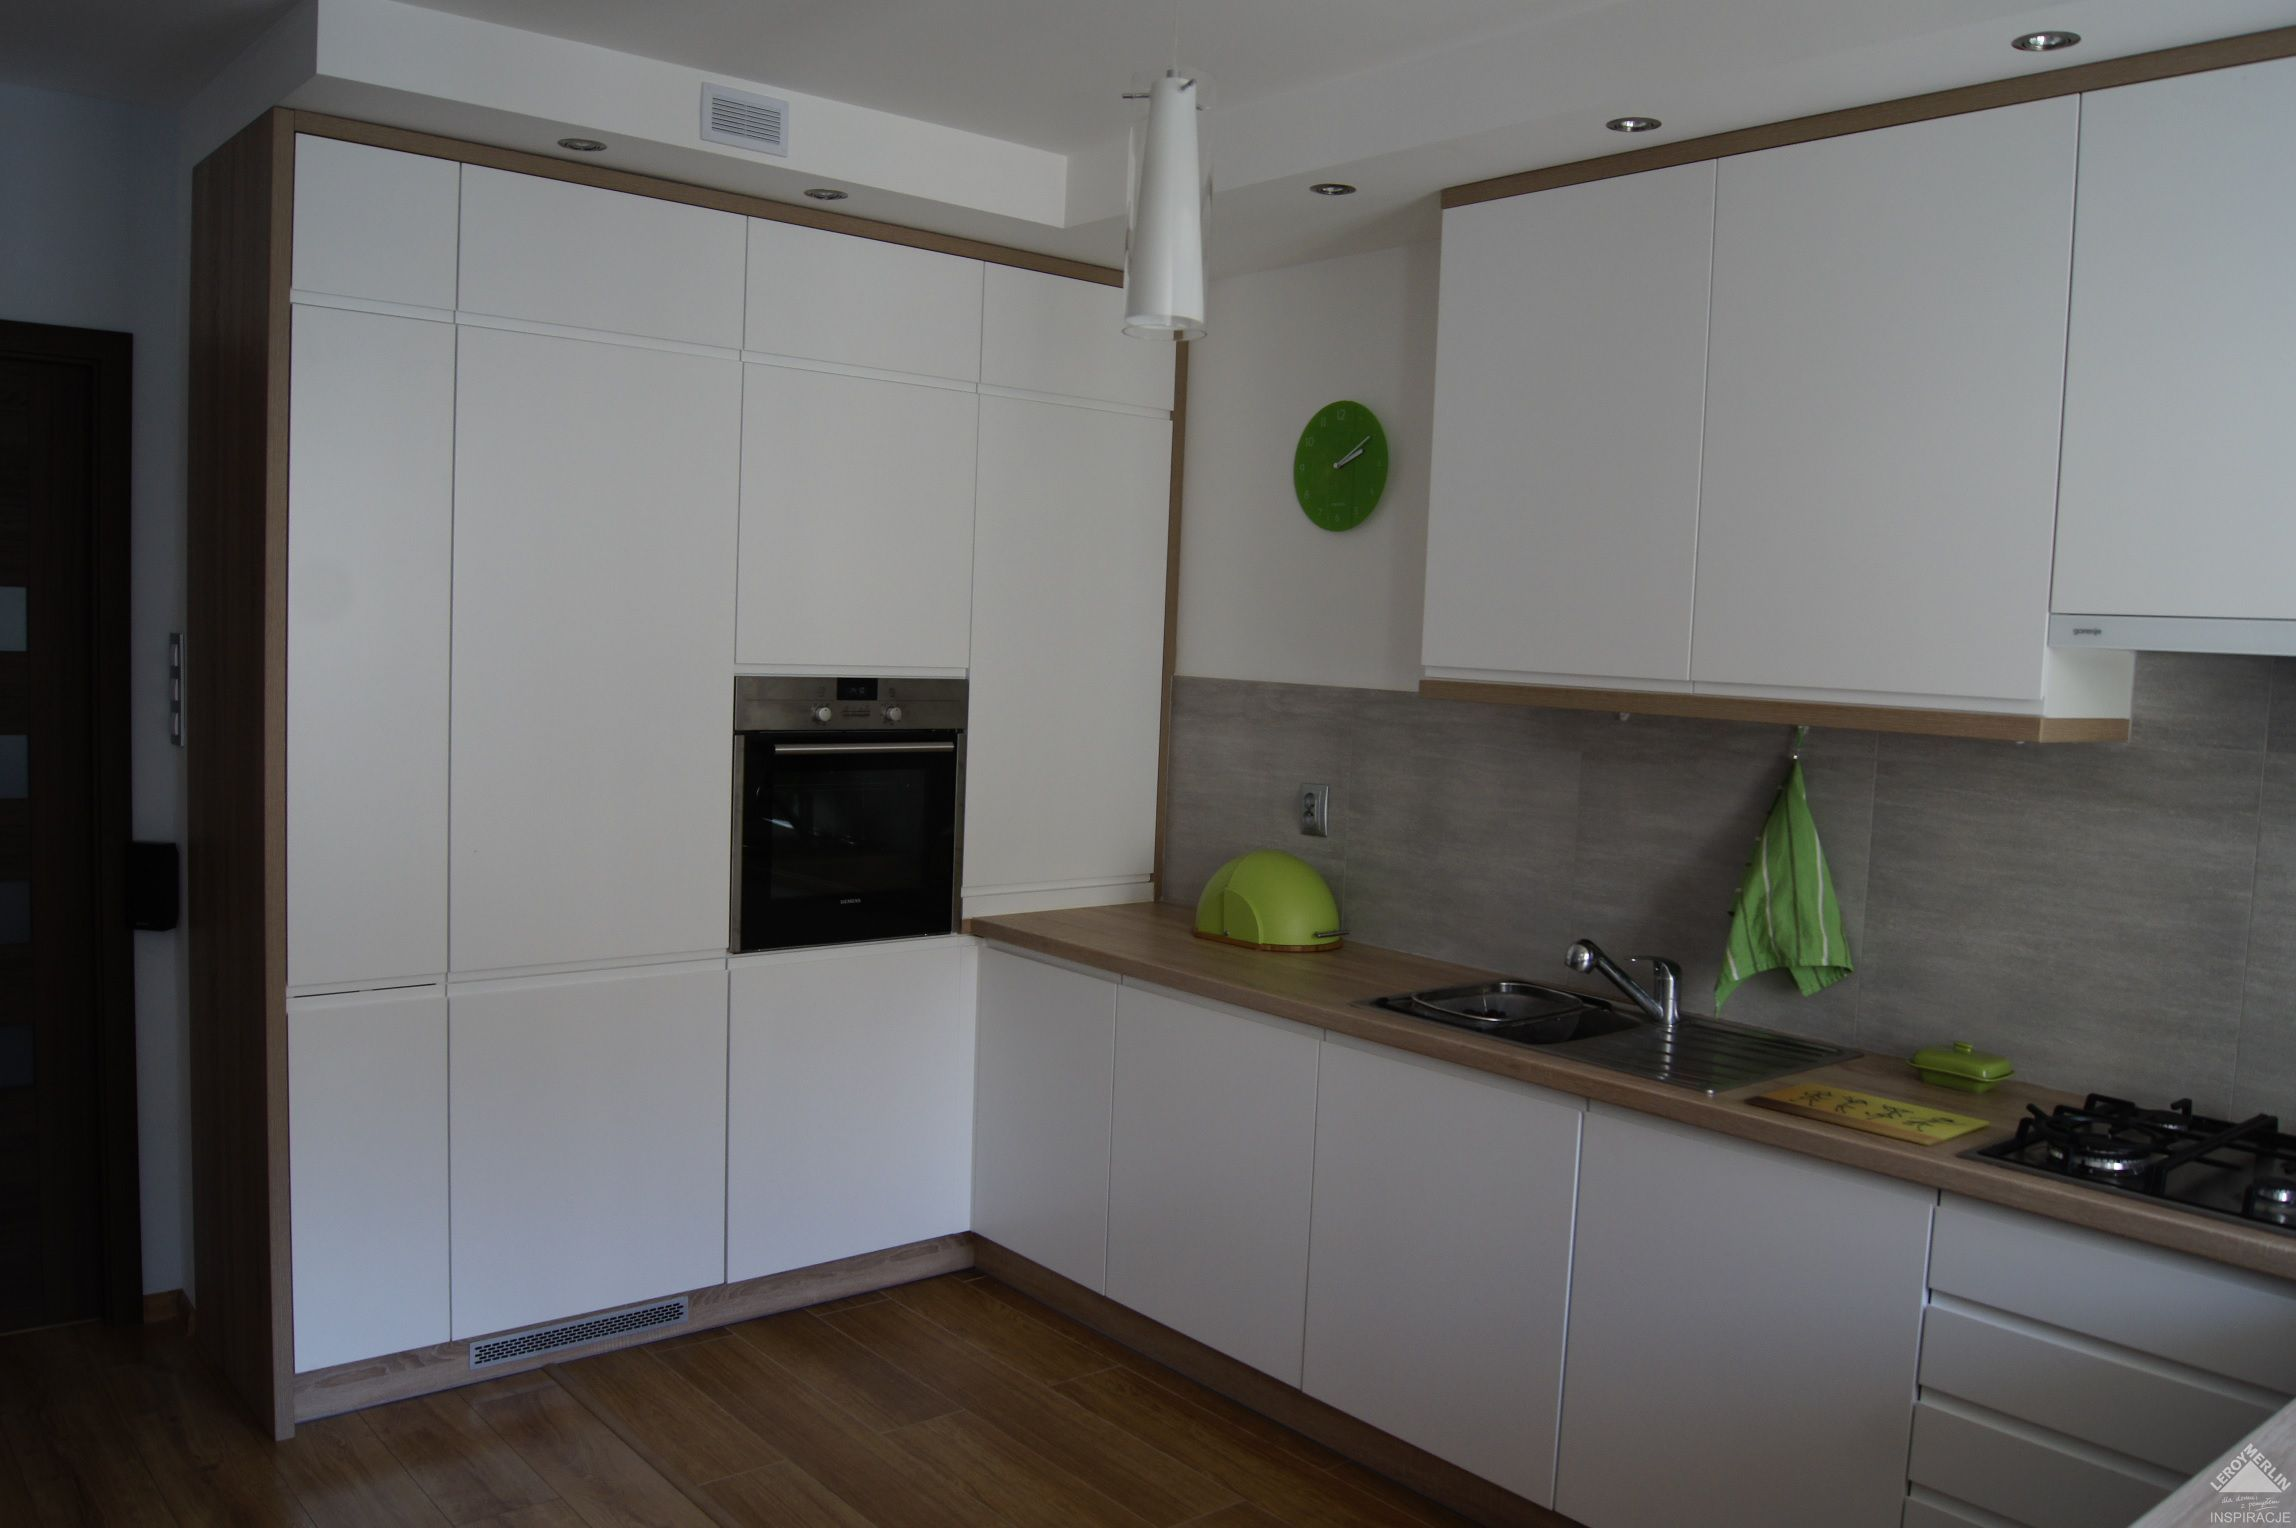 sufit podwieszany w kuchni nad szafkami  Szukaj w Google   -> Ile Kosztuje Kuchnia W Bloku